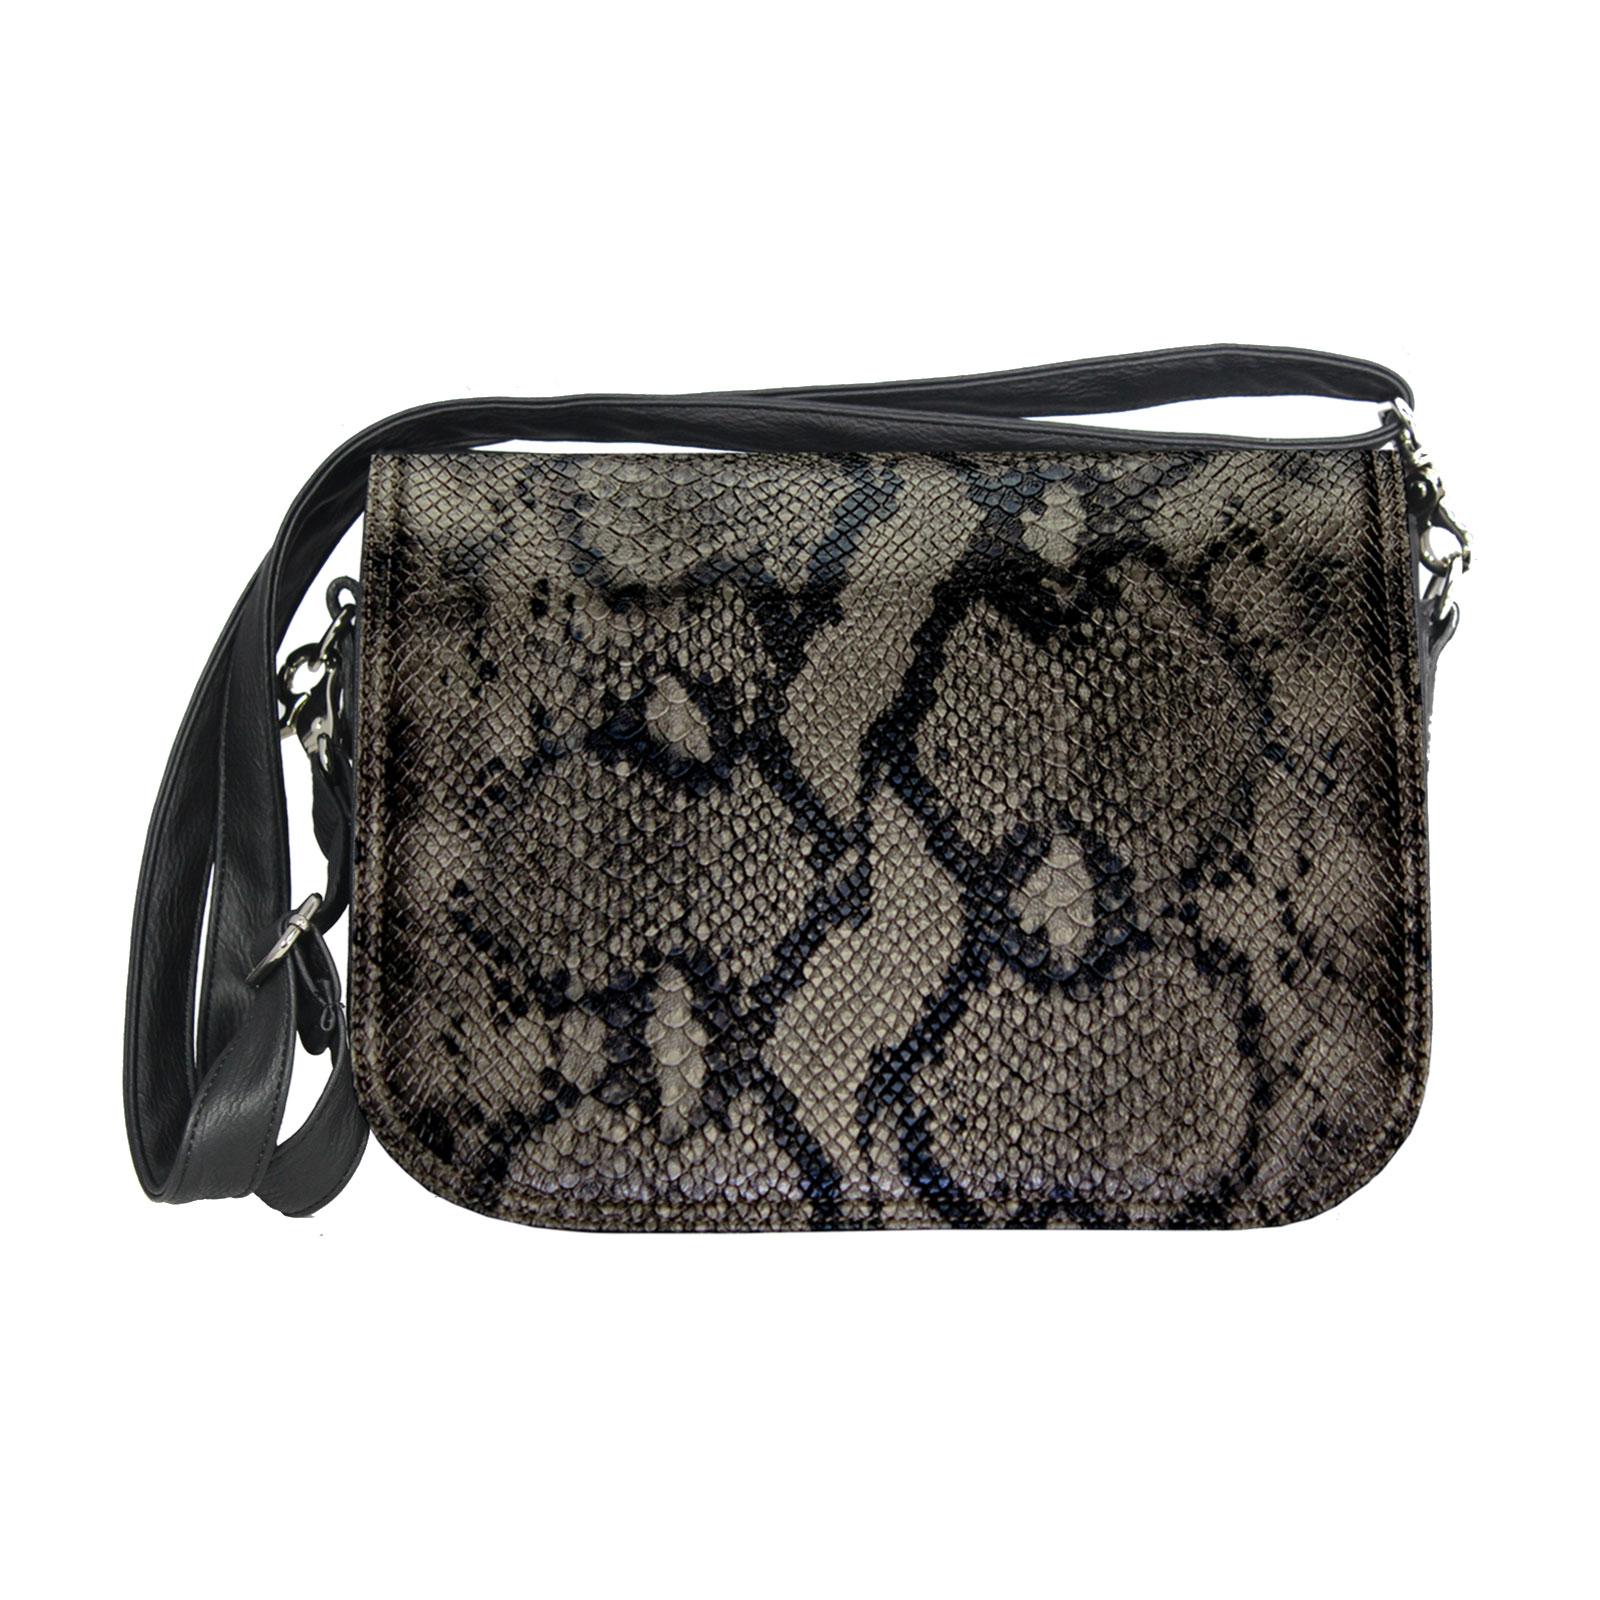 Crossover Taschen Schlangenoptik